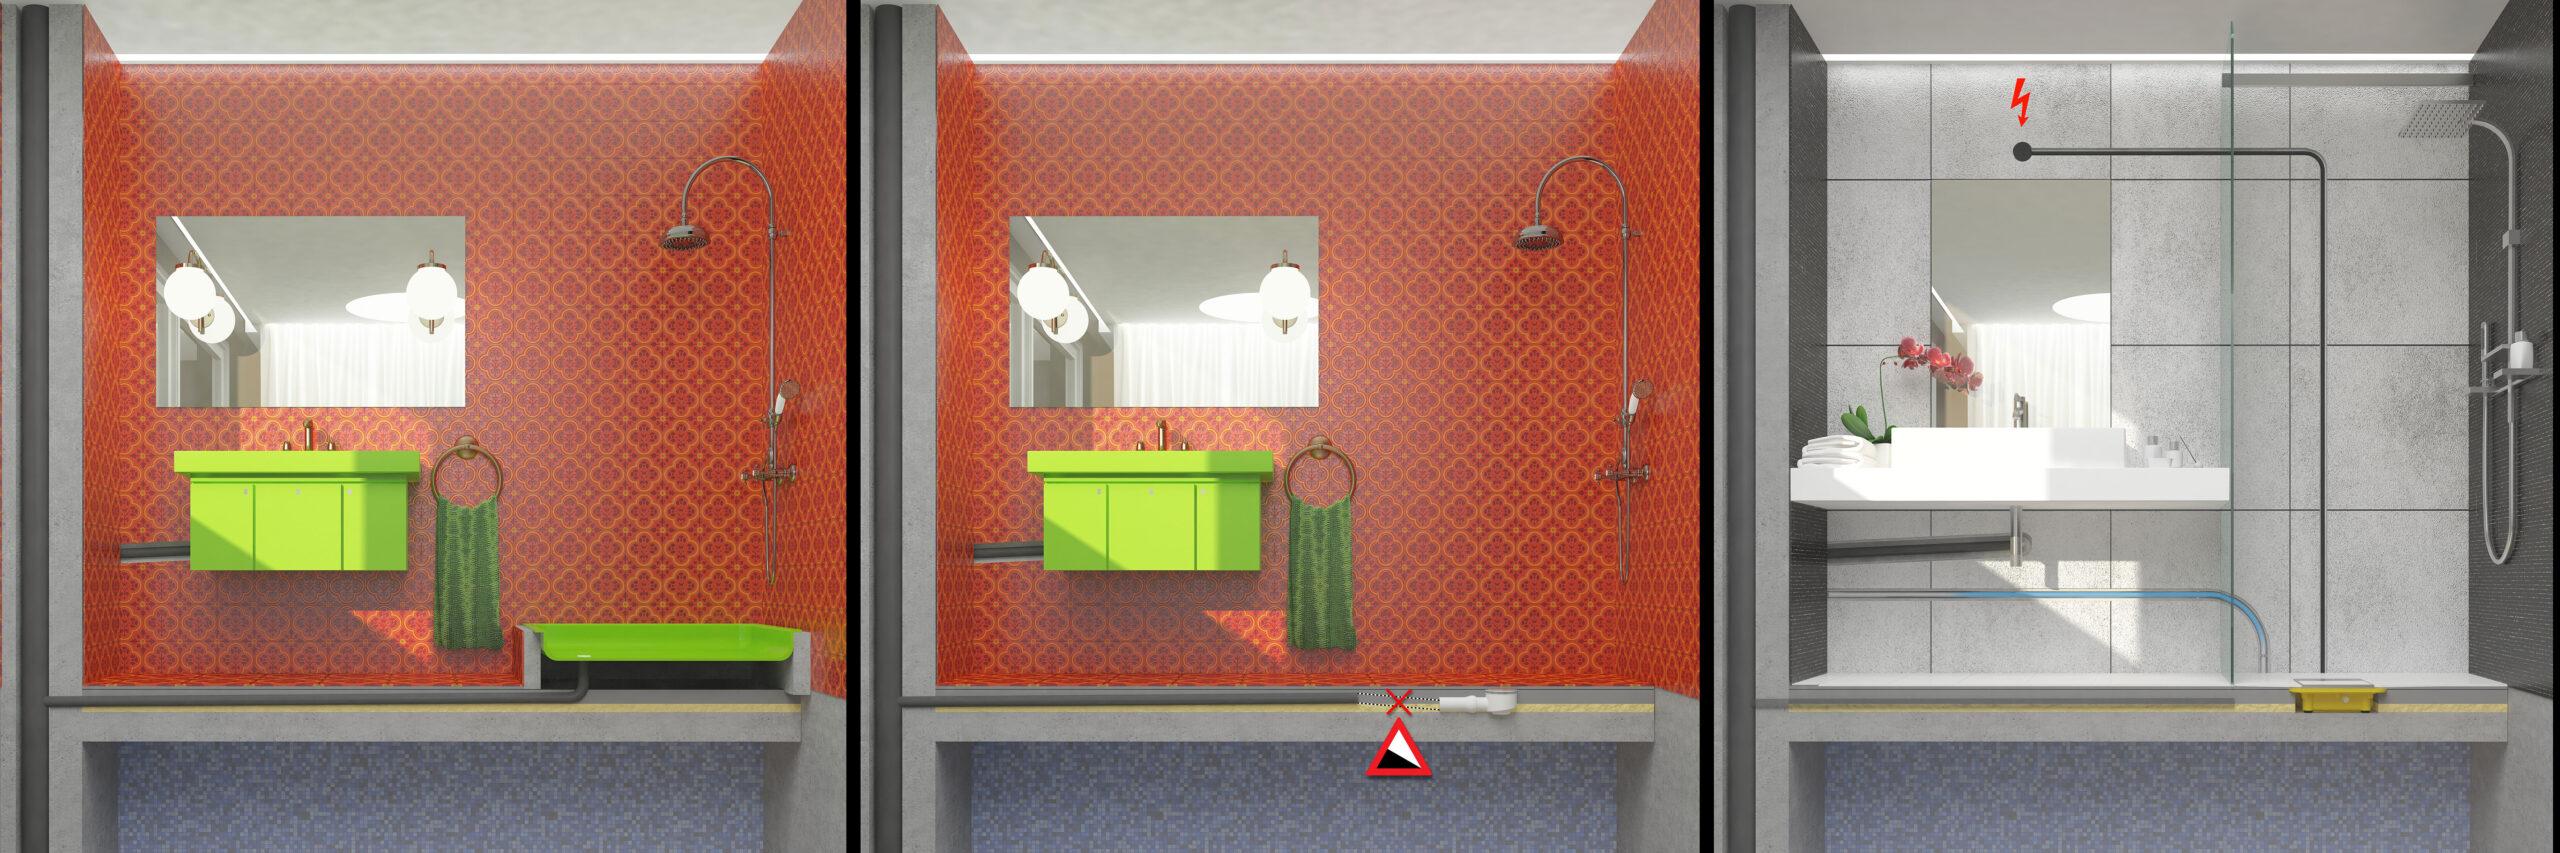 Full Size of Bodengleiche Duschen Hsk Hüppe Schulte Werksverkauf Sprinz Moderne Dusche Fliesen Begehbare Einbauen Nachträglich Kaufen Breuer Dusche Bodengleiche Duschen